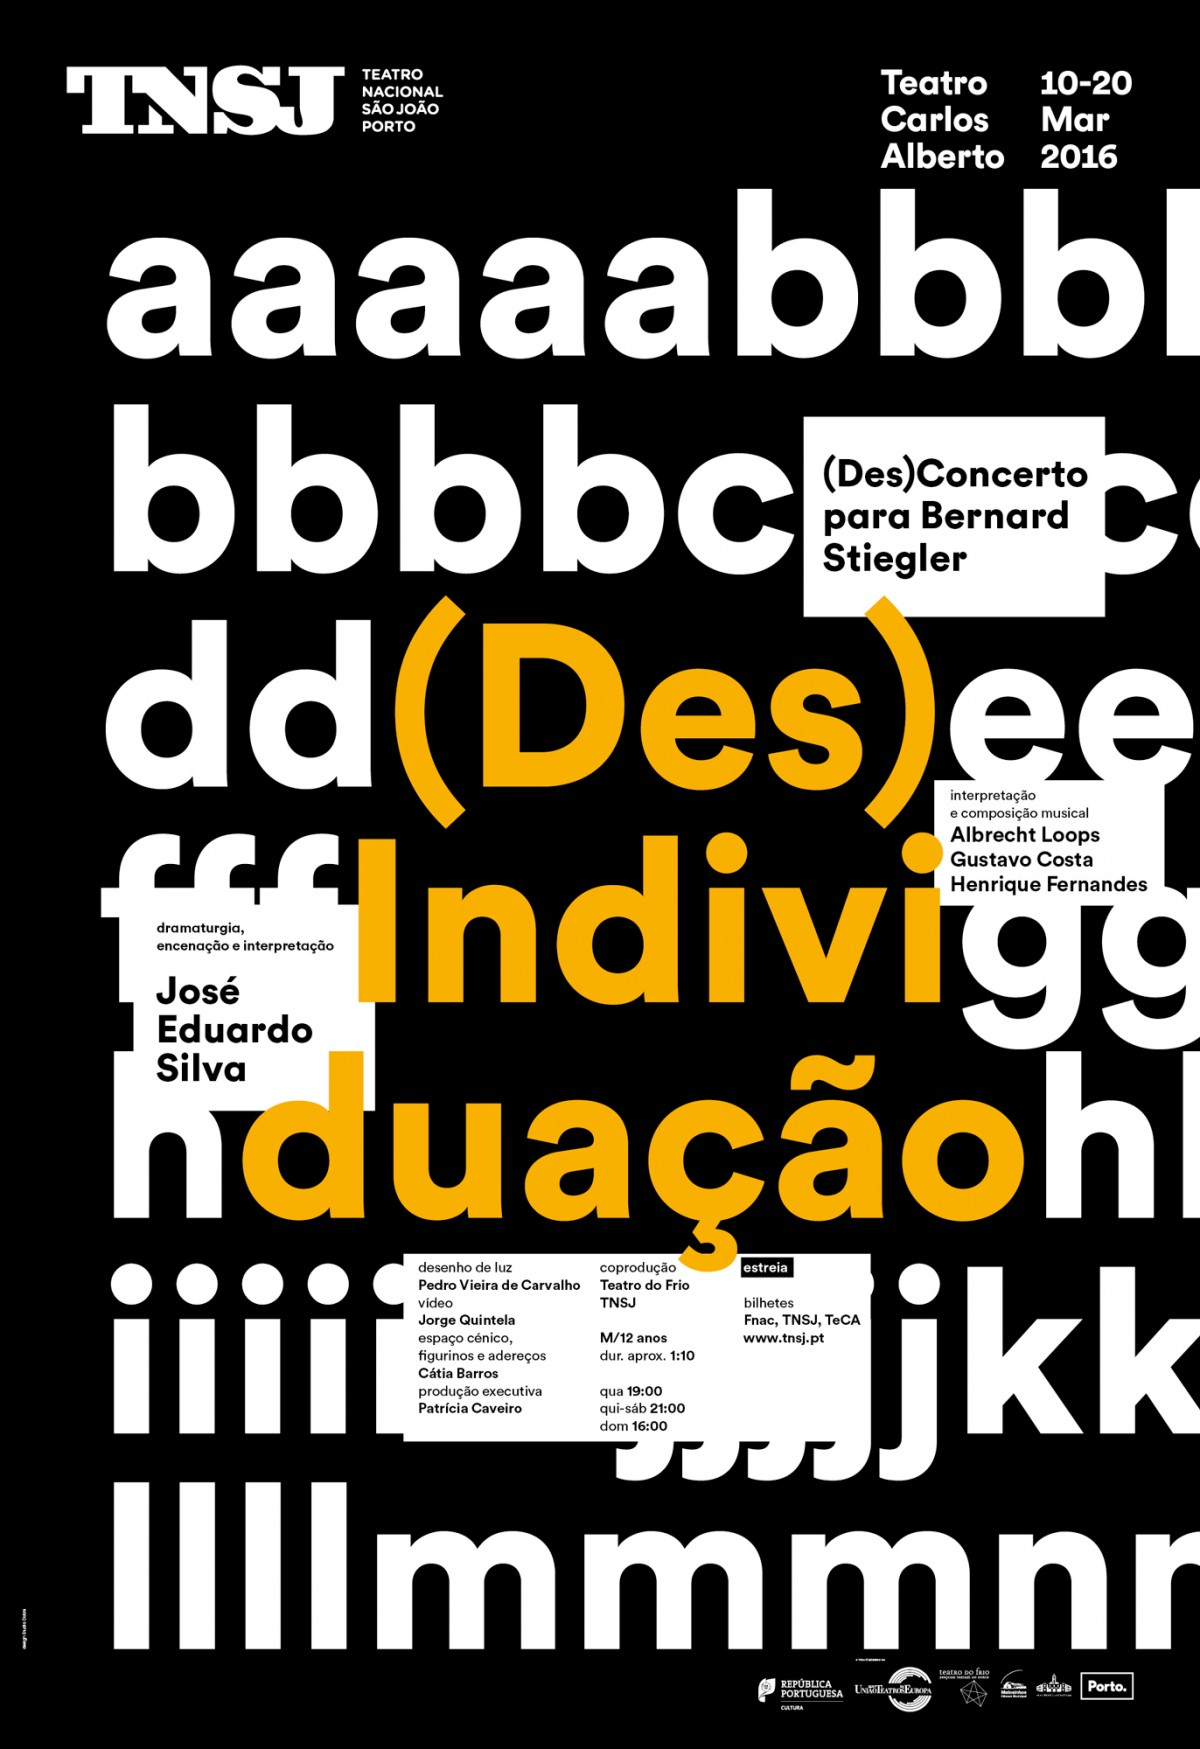 São João National Theatre Posters 2015-2016 Image:4.1